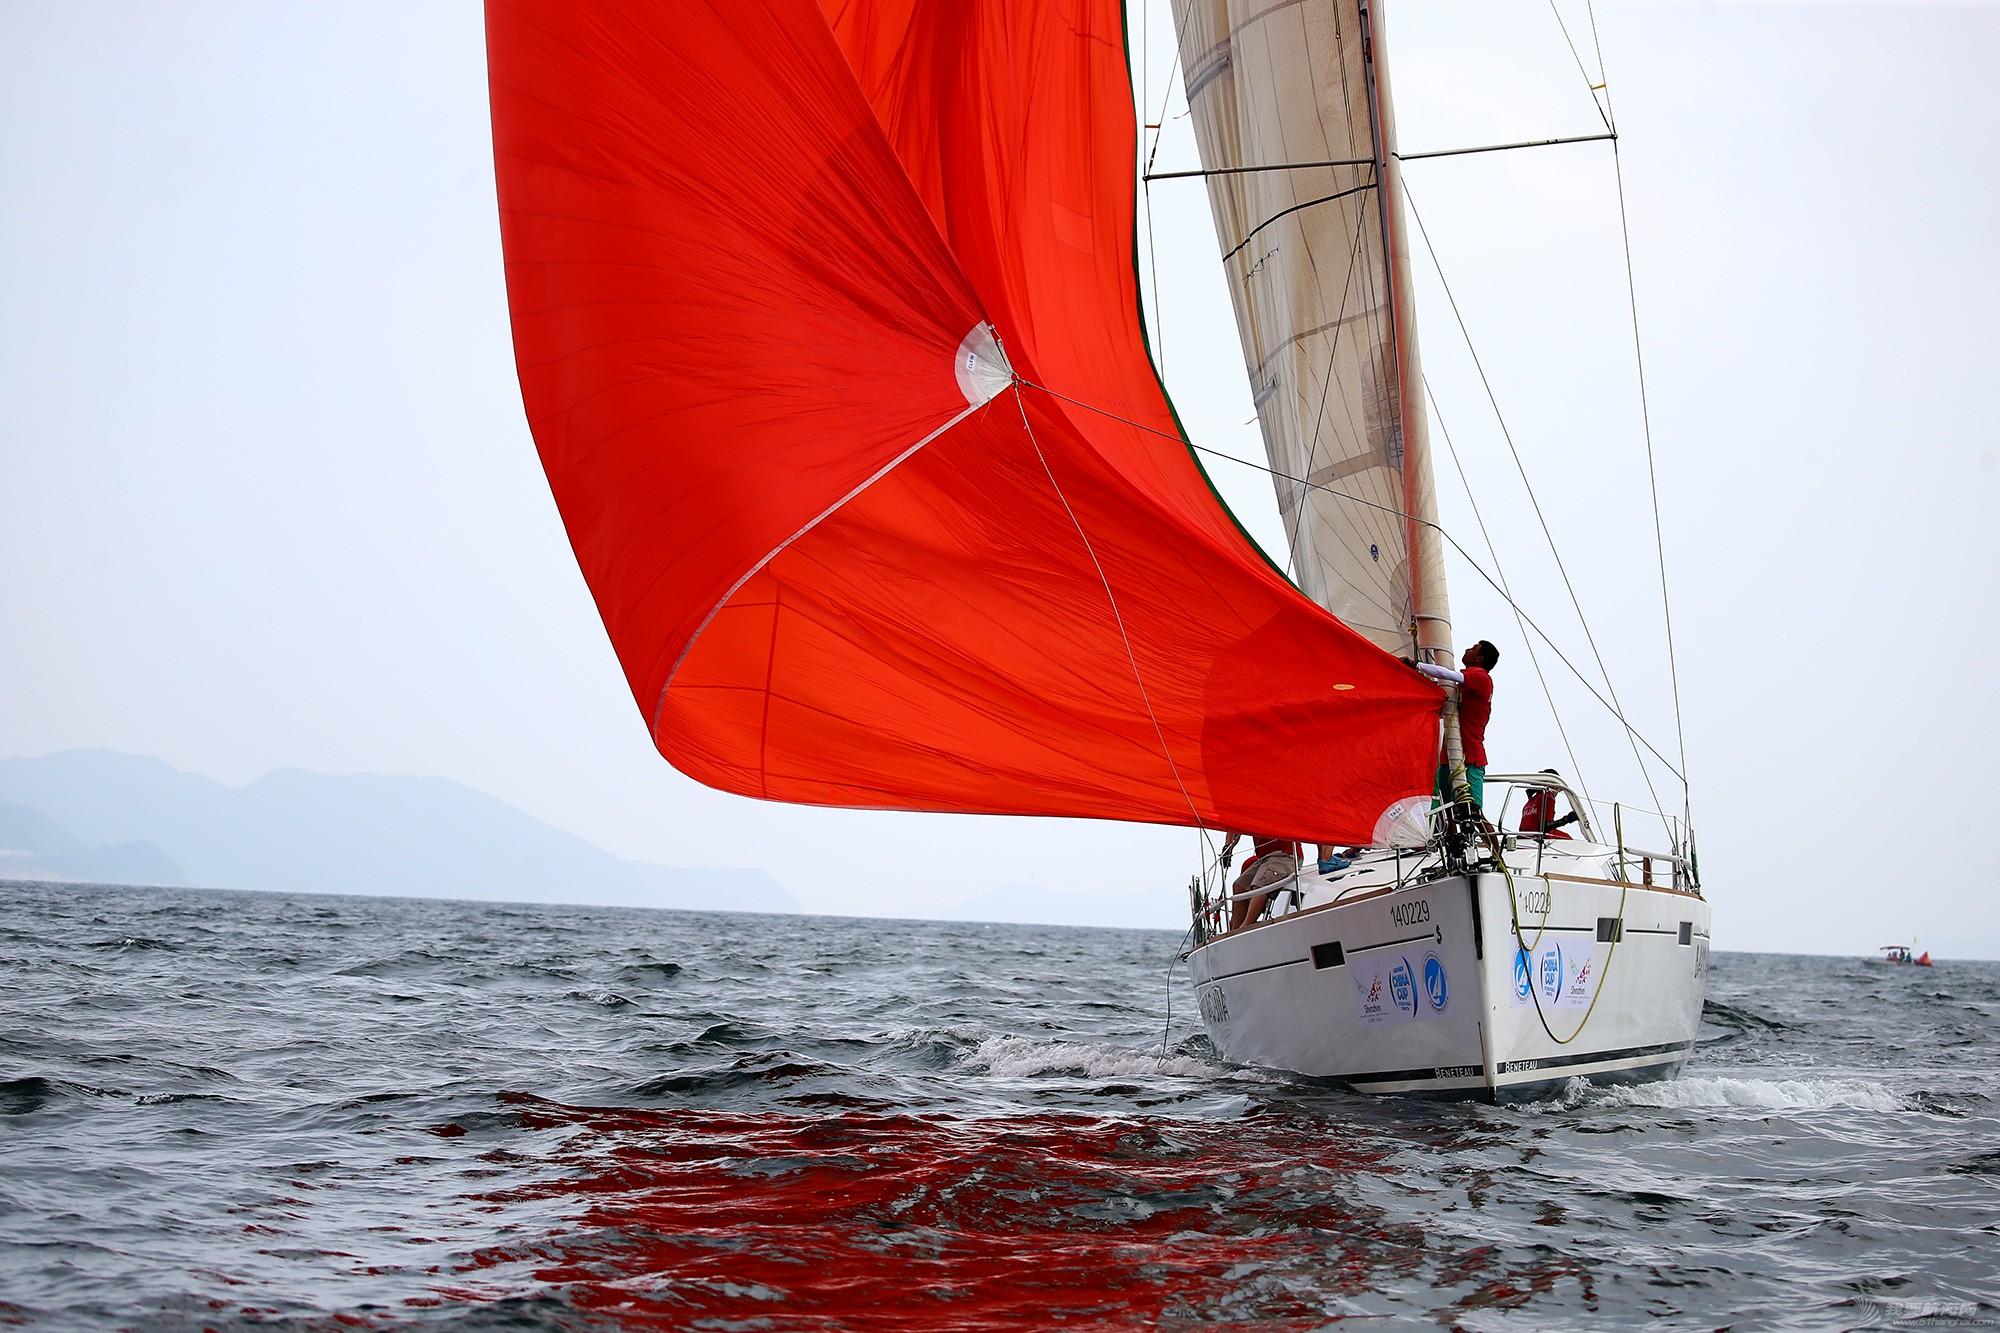 中国 中国杯帆船赛第三日——无风不起浪,雨中见刀枪 E78W6129.JPG